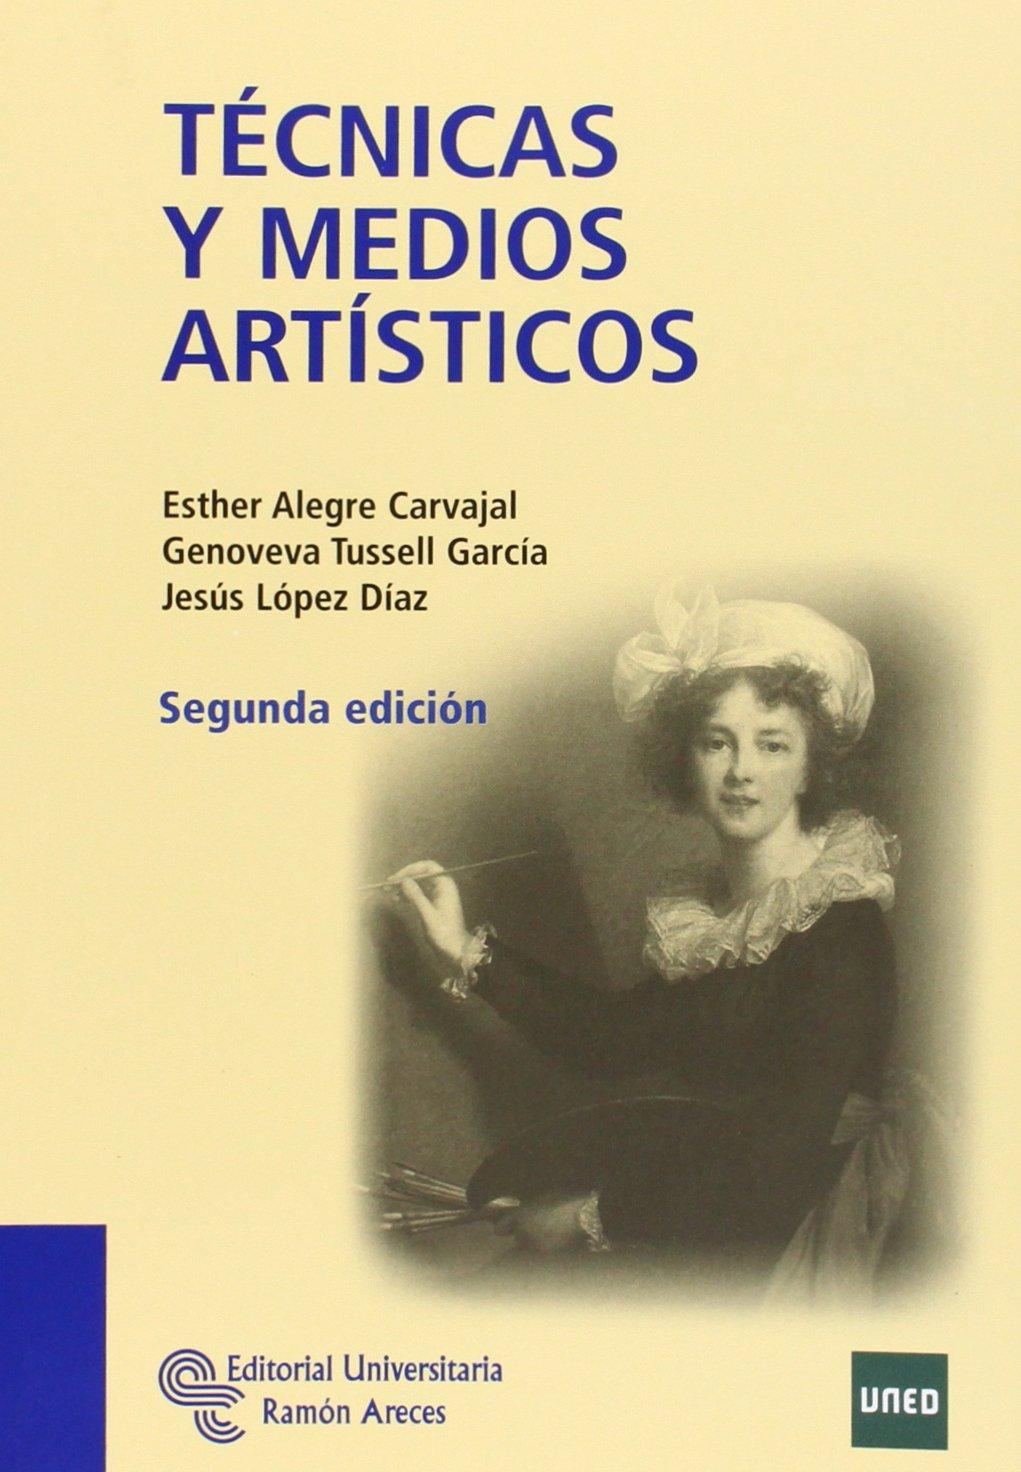 Técnicas y medios artísticos (Manuales): Amazon.es: Alegre Carvajal, Esther, Tusell García, Genoveva, López Díaz, Jesús (1941-) : Libros